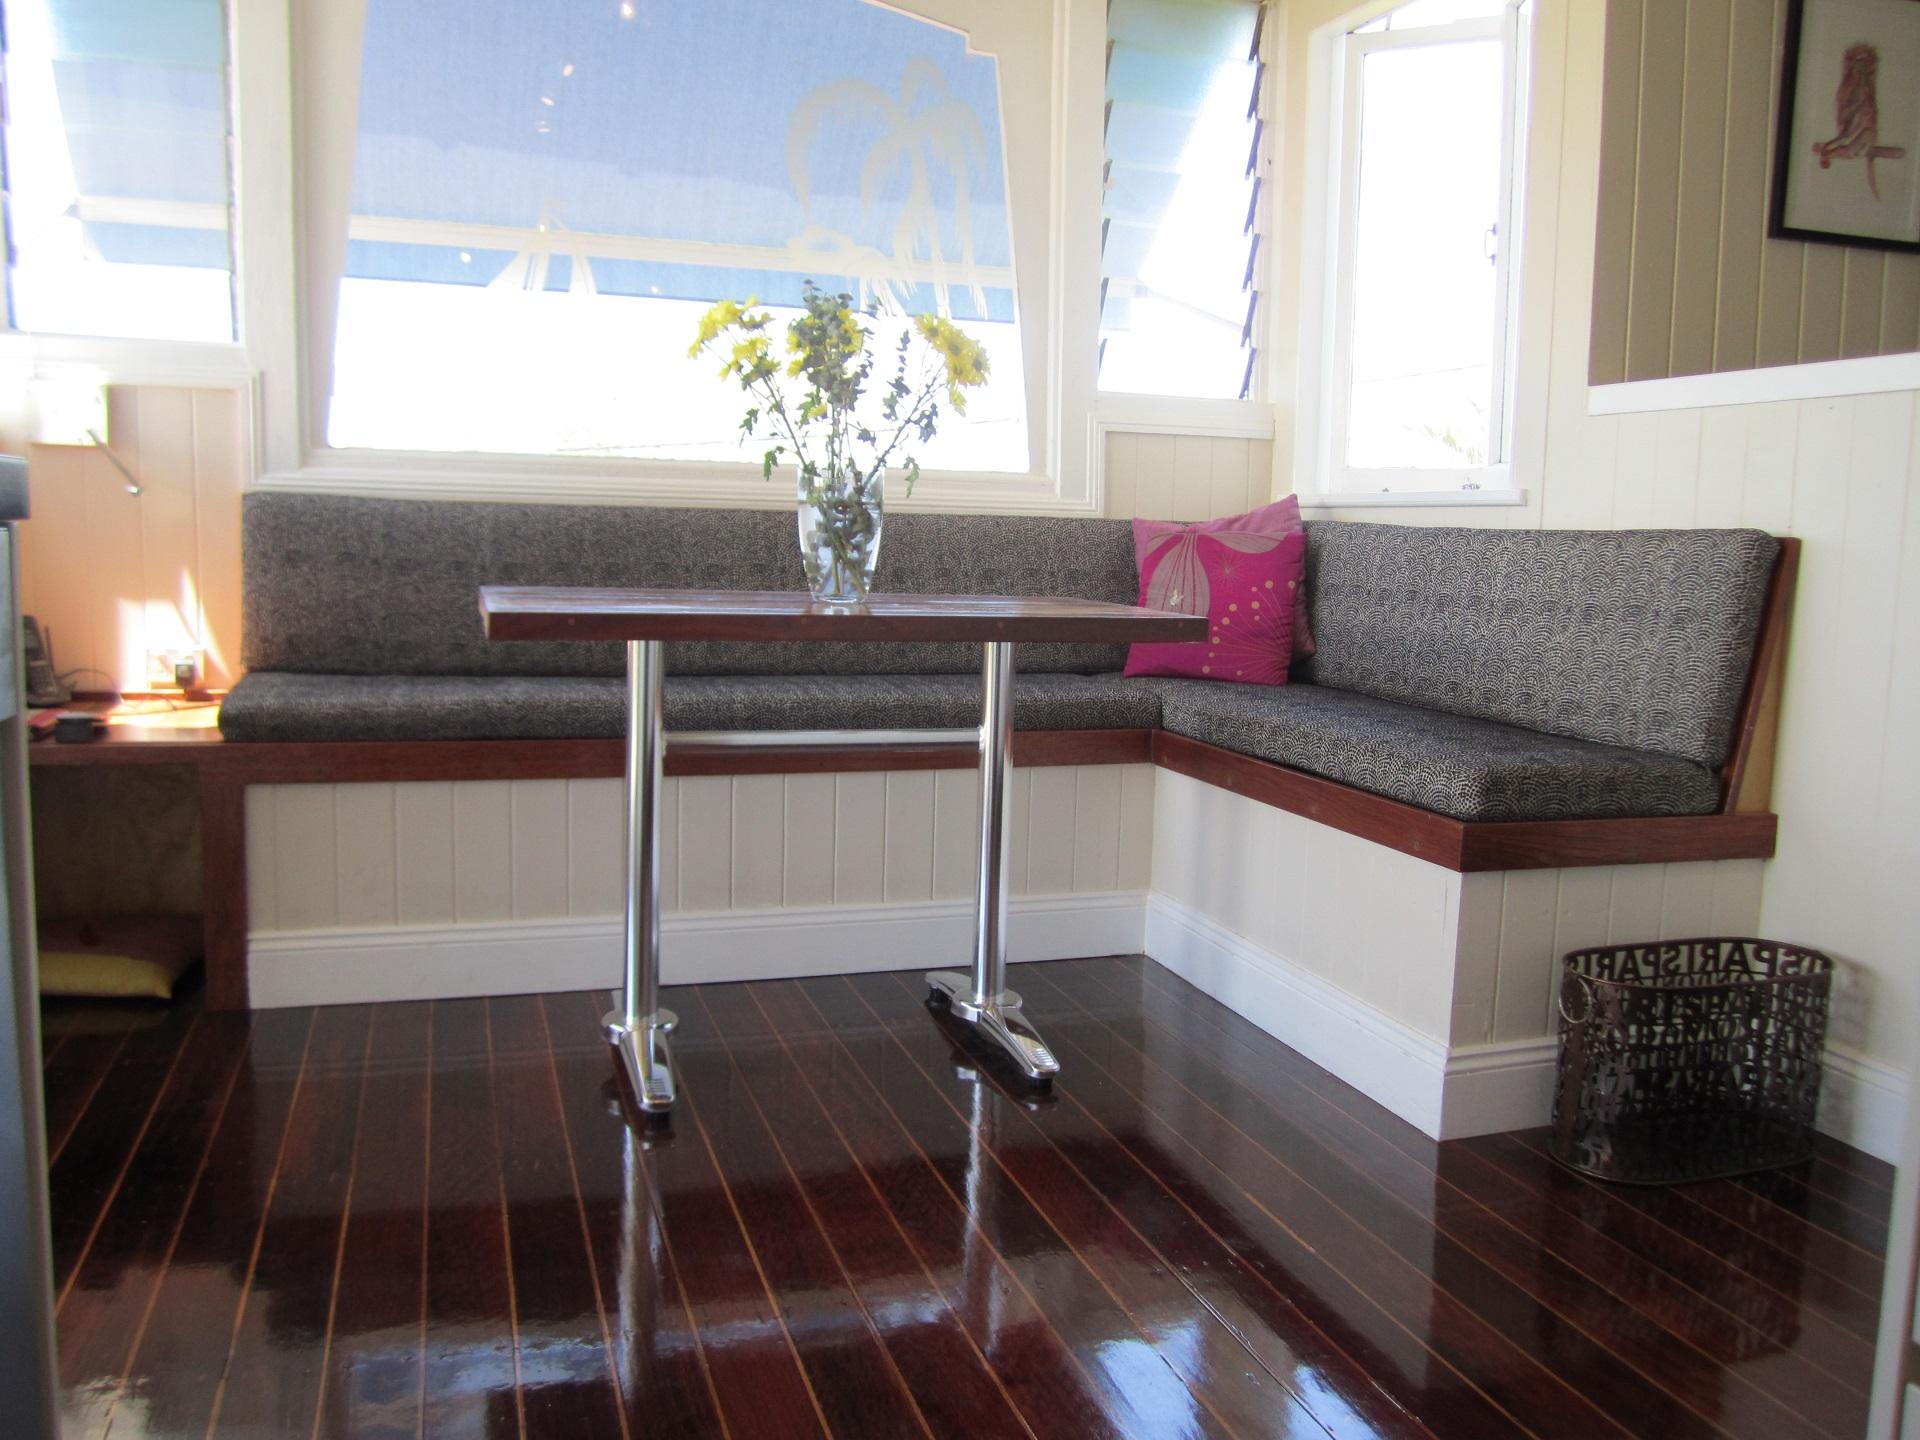 brisbane-kitchen-renovation-wilston-contemporary-kitchen10